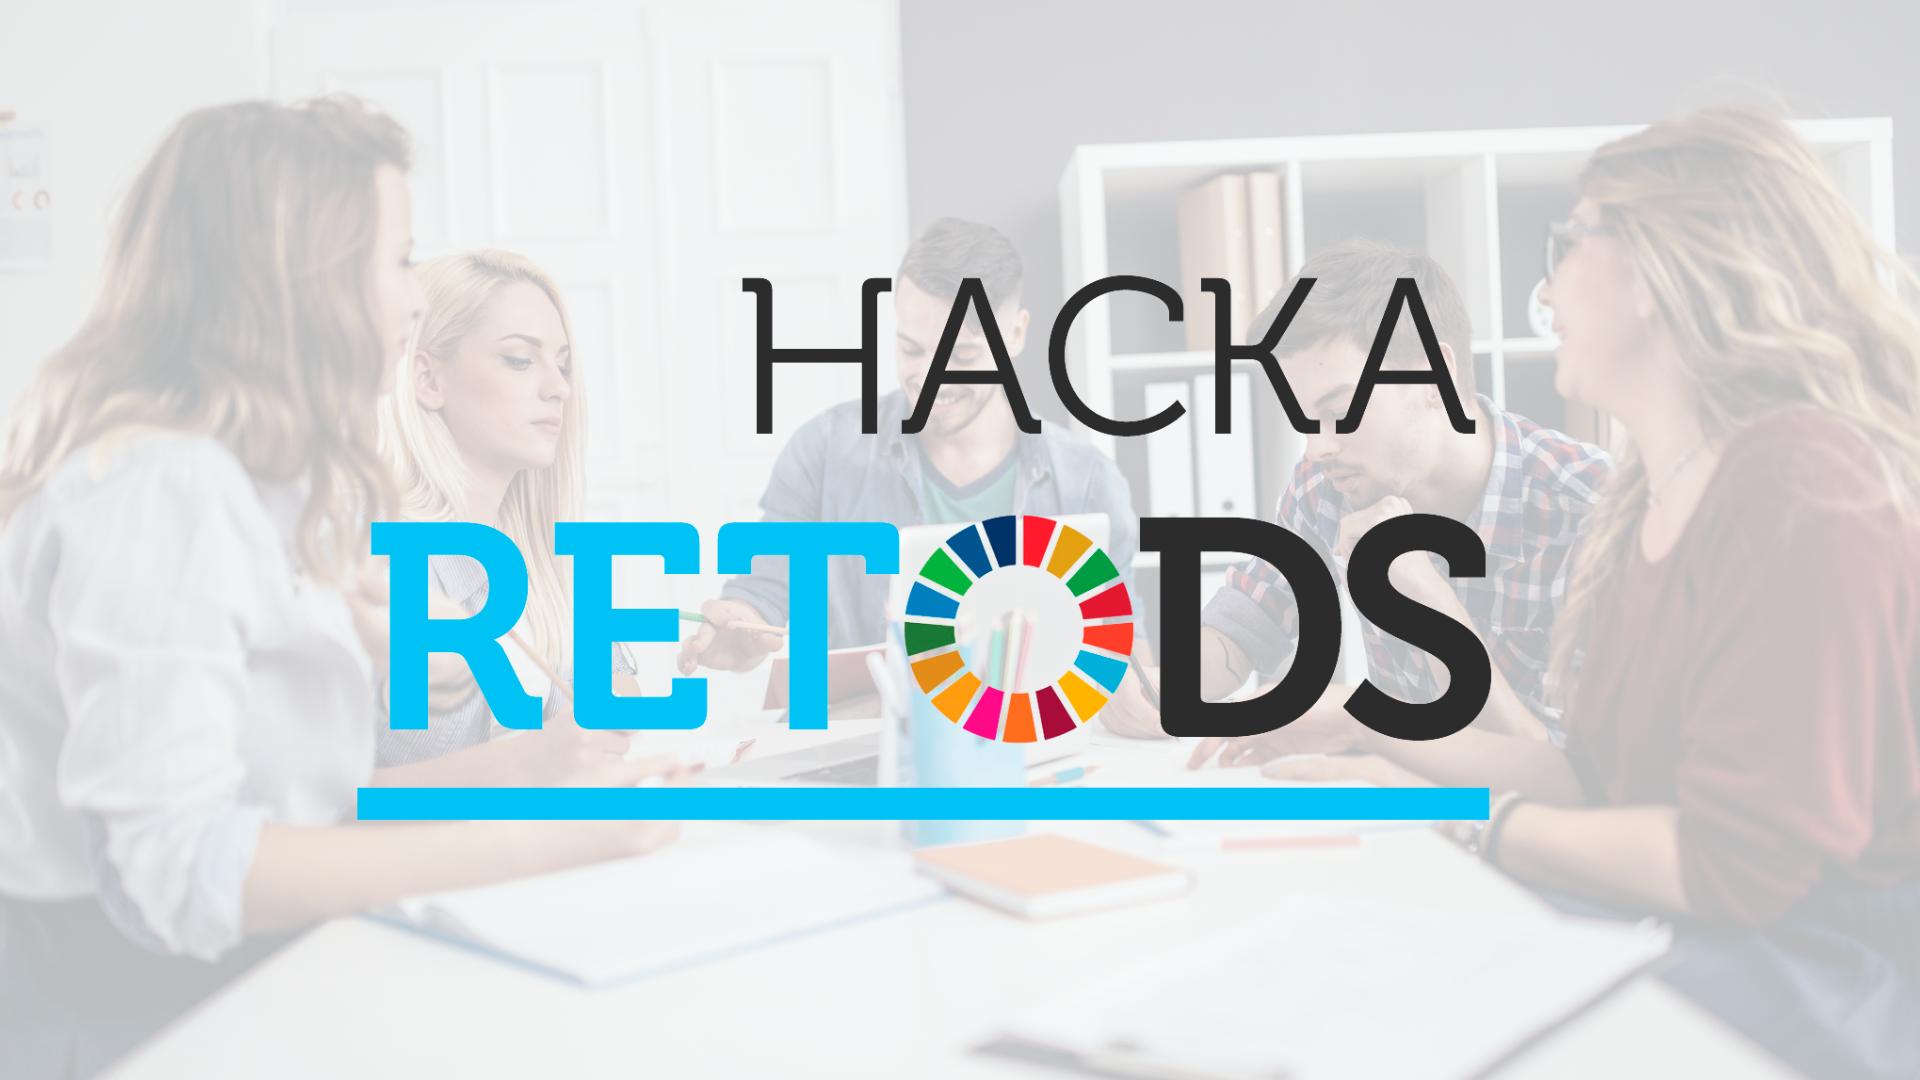 Hacka #retODS